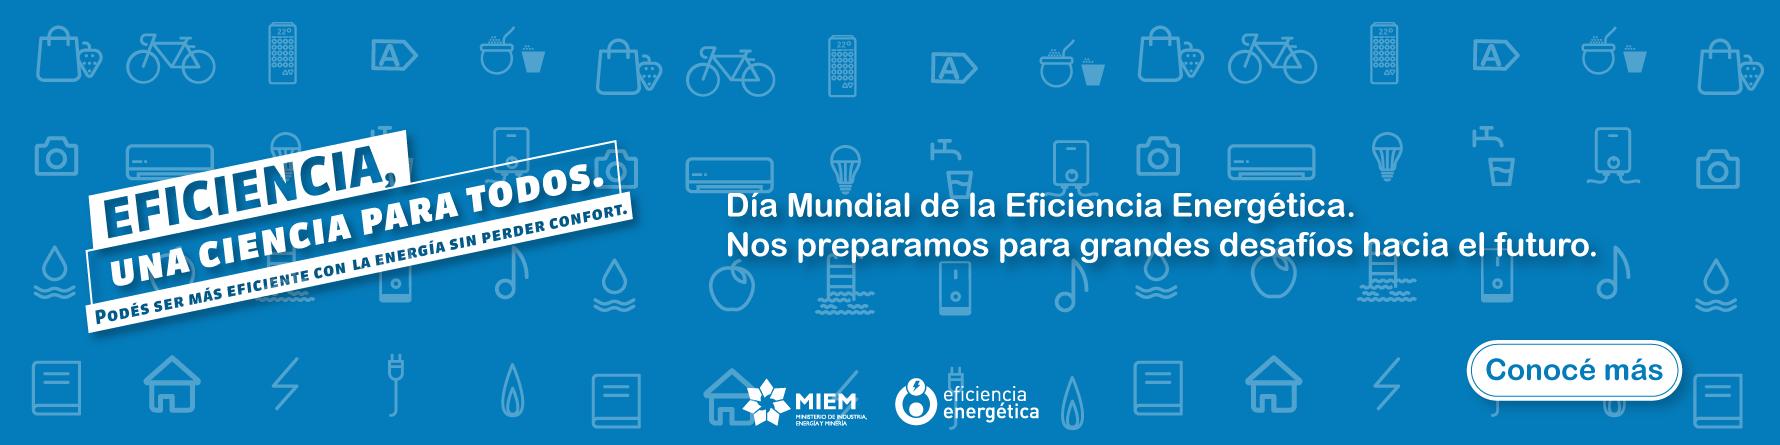 Día Mundial de la Eficiencia Energética 2019